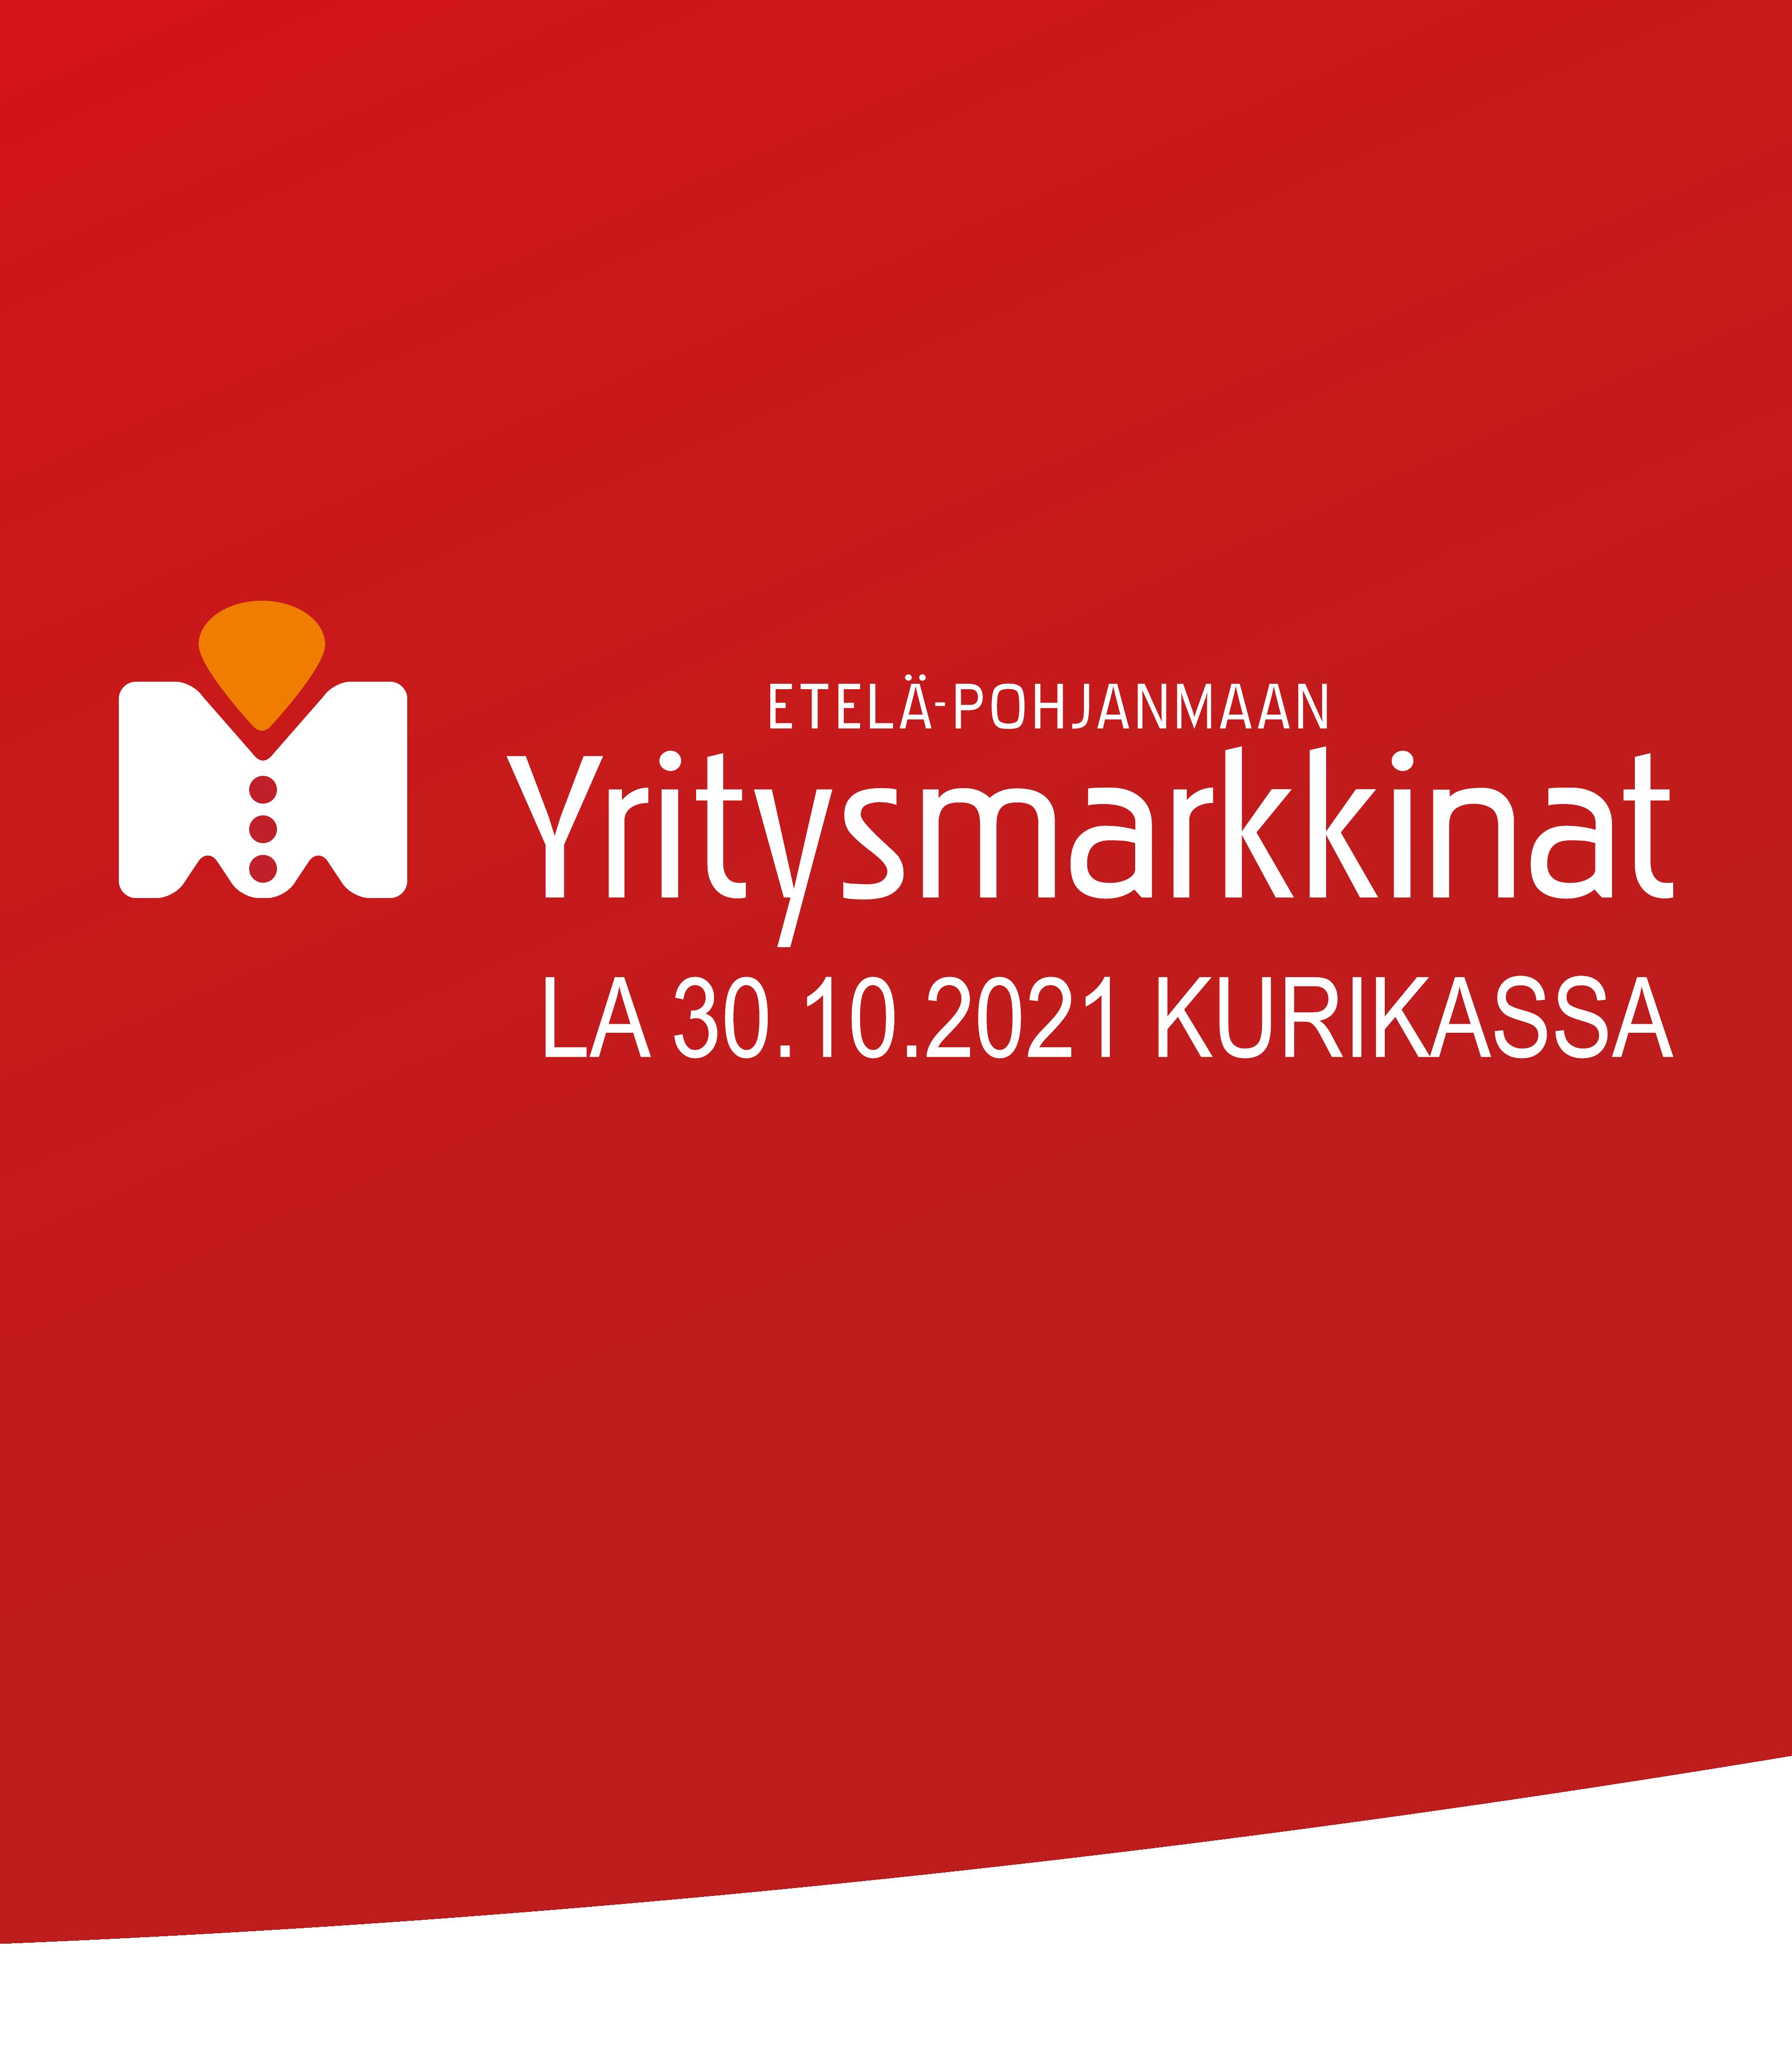 Yritysmarkkinat Kurikassa 30.10.2021